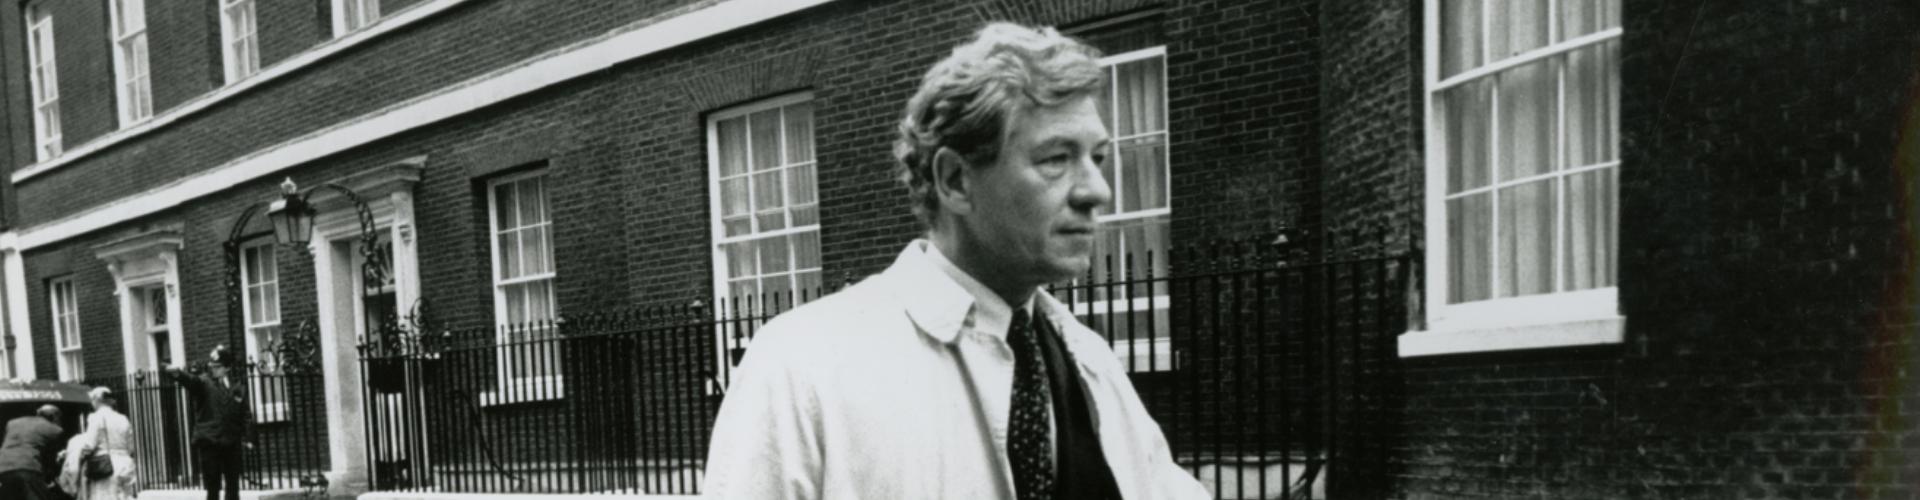 Ian McKellen outside 10 Downing Street